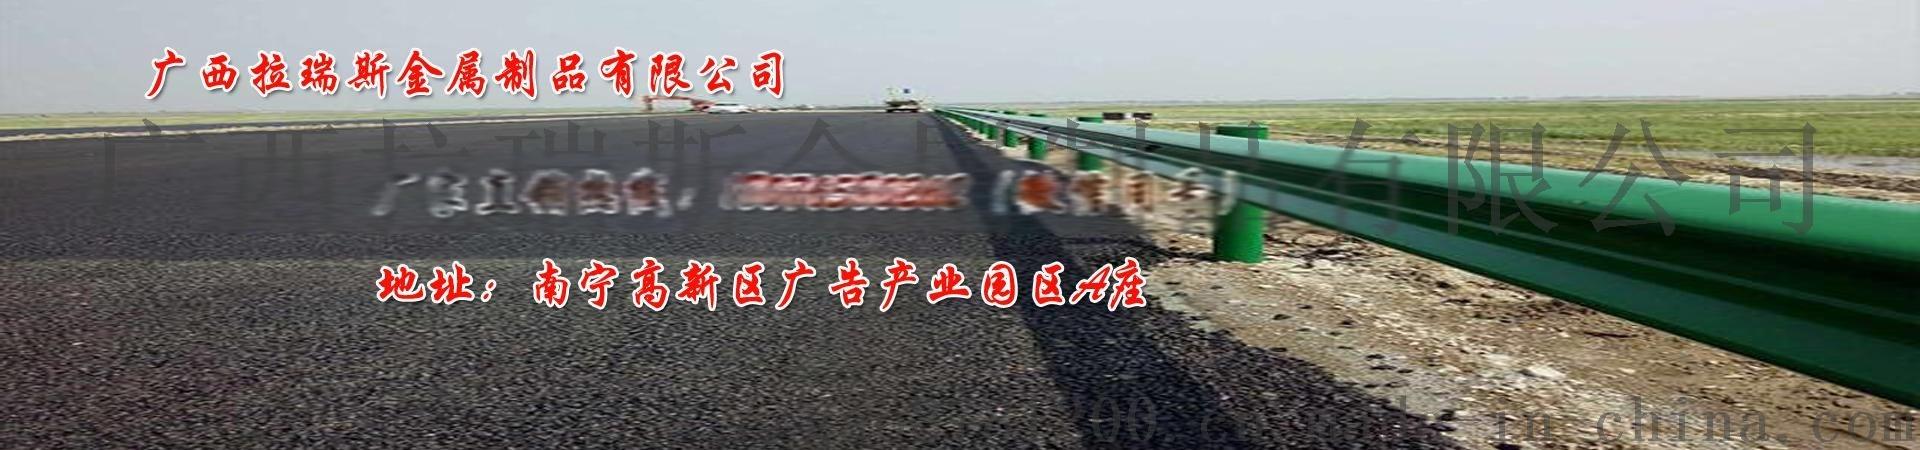 广西波形护栏厂家直销公路护栏78297385